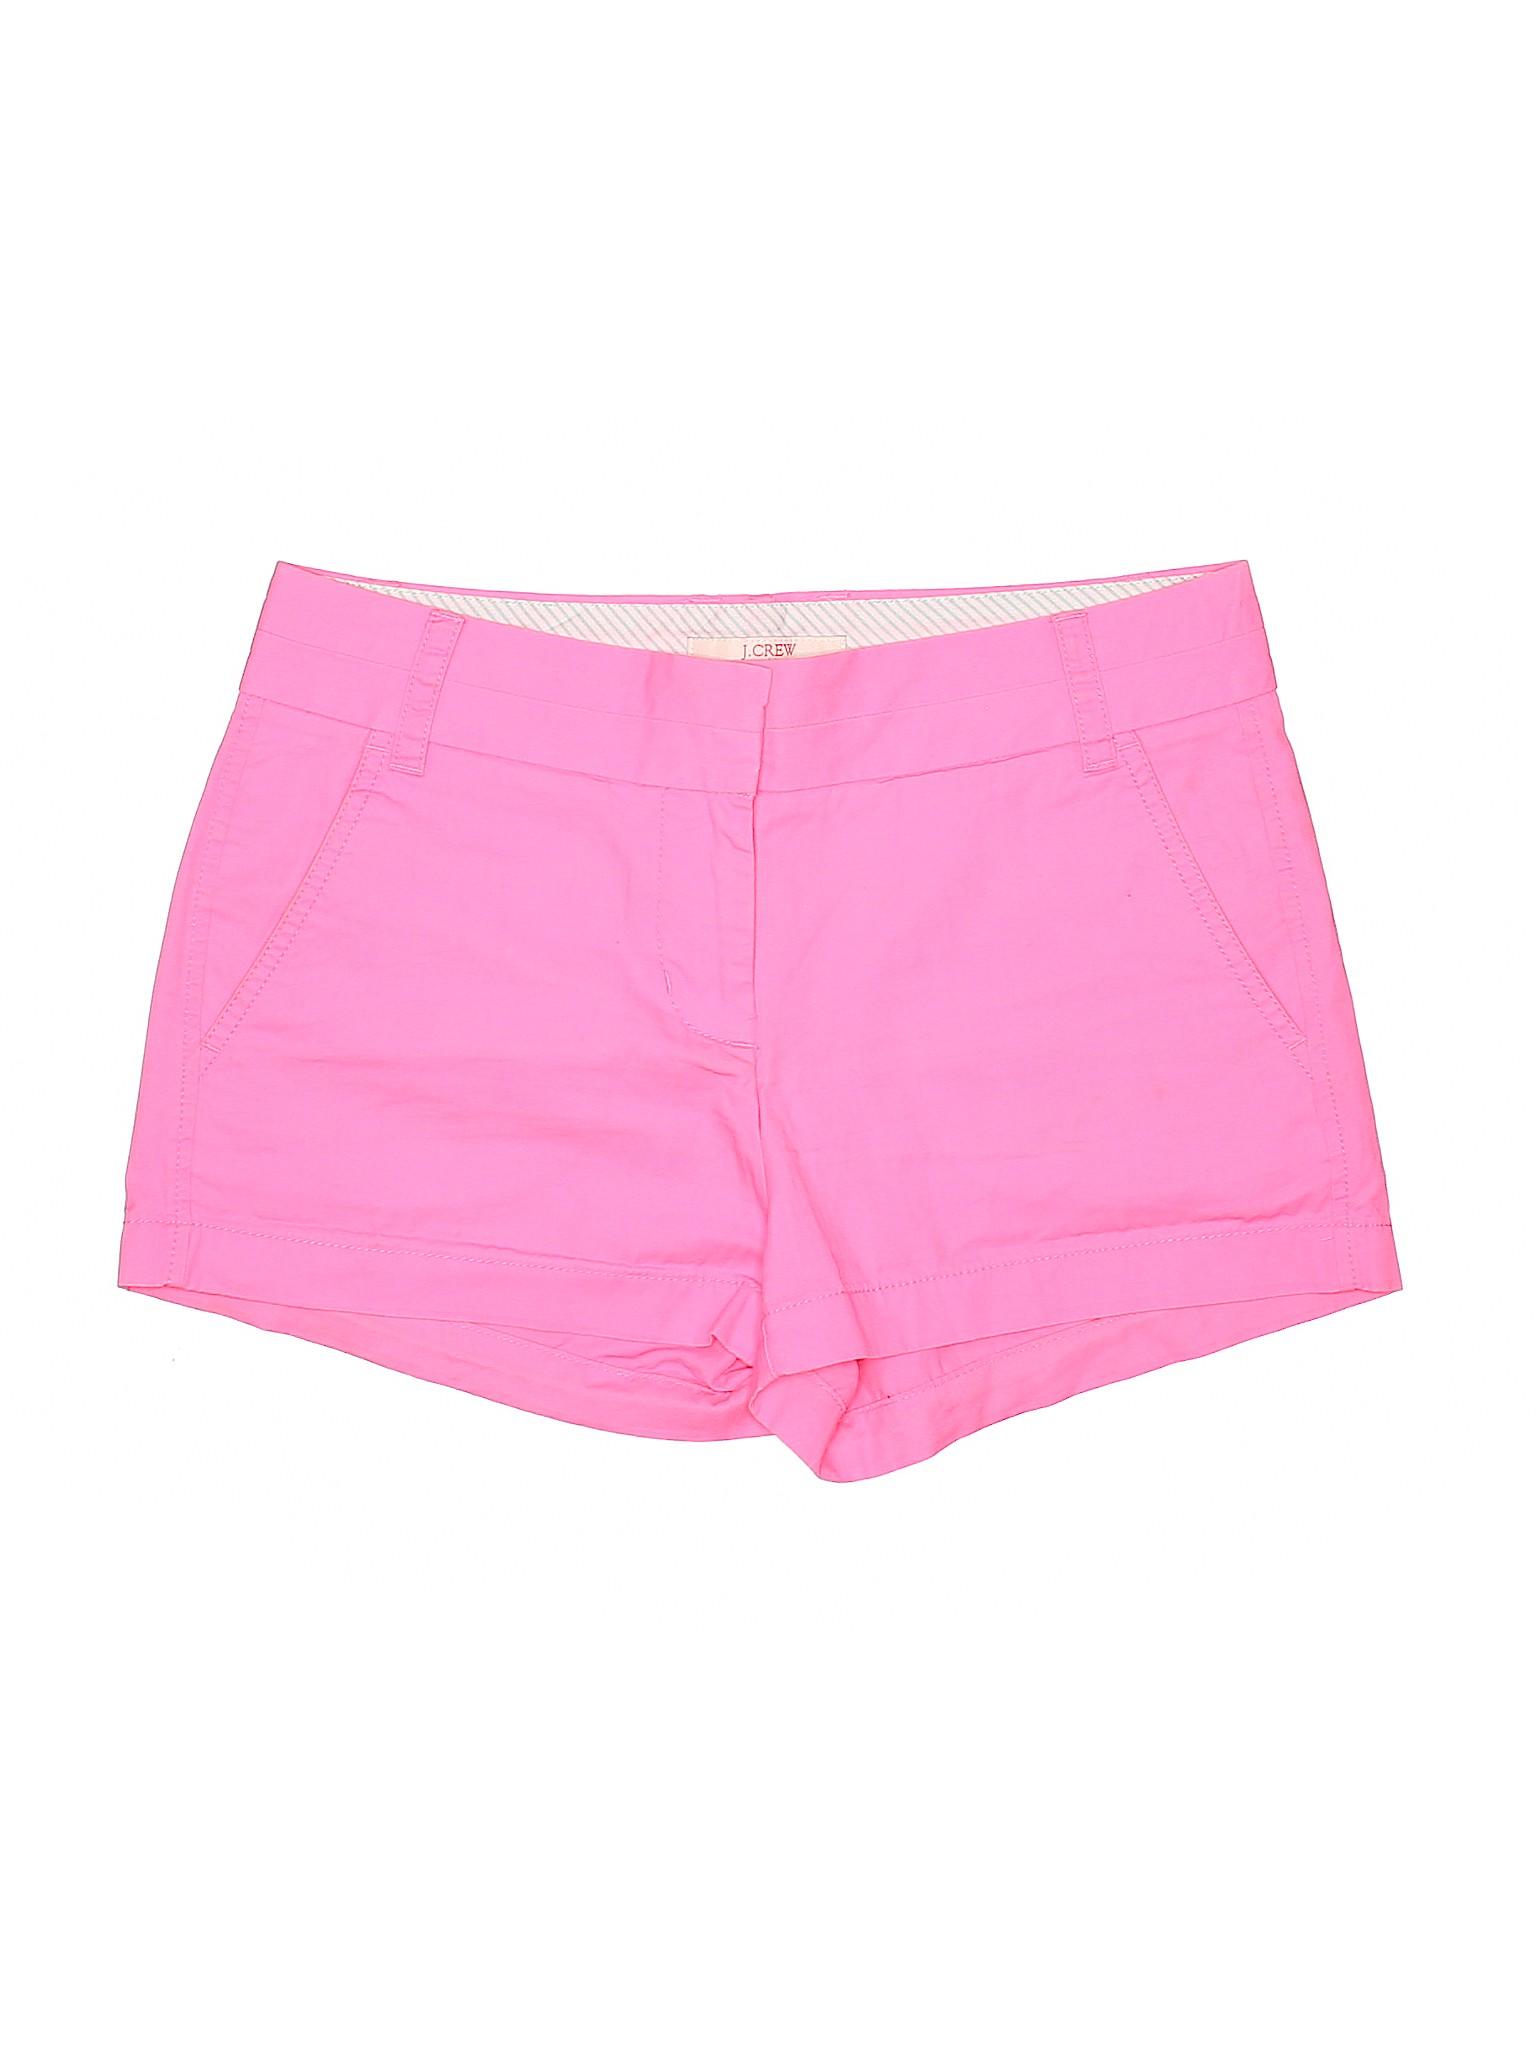 Shorts Store leisure J Khaki Boutique Factory Crew TqFYF